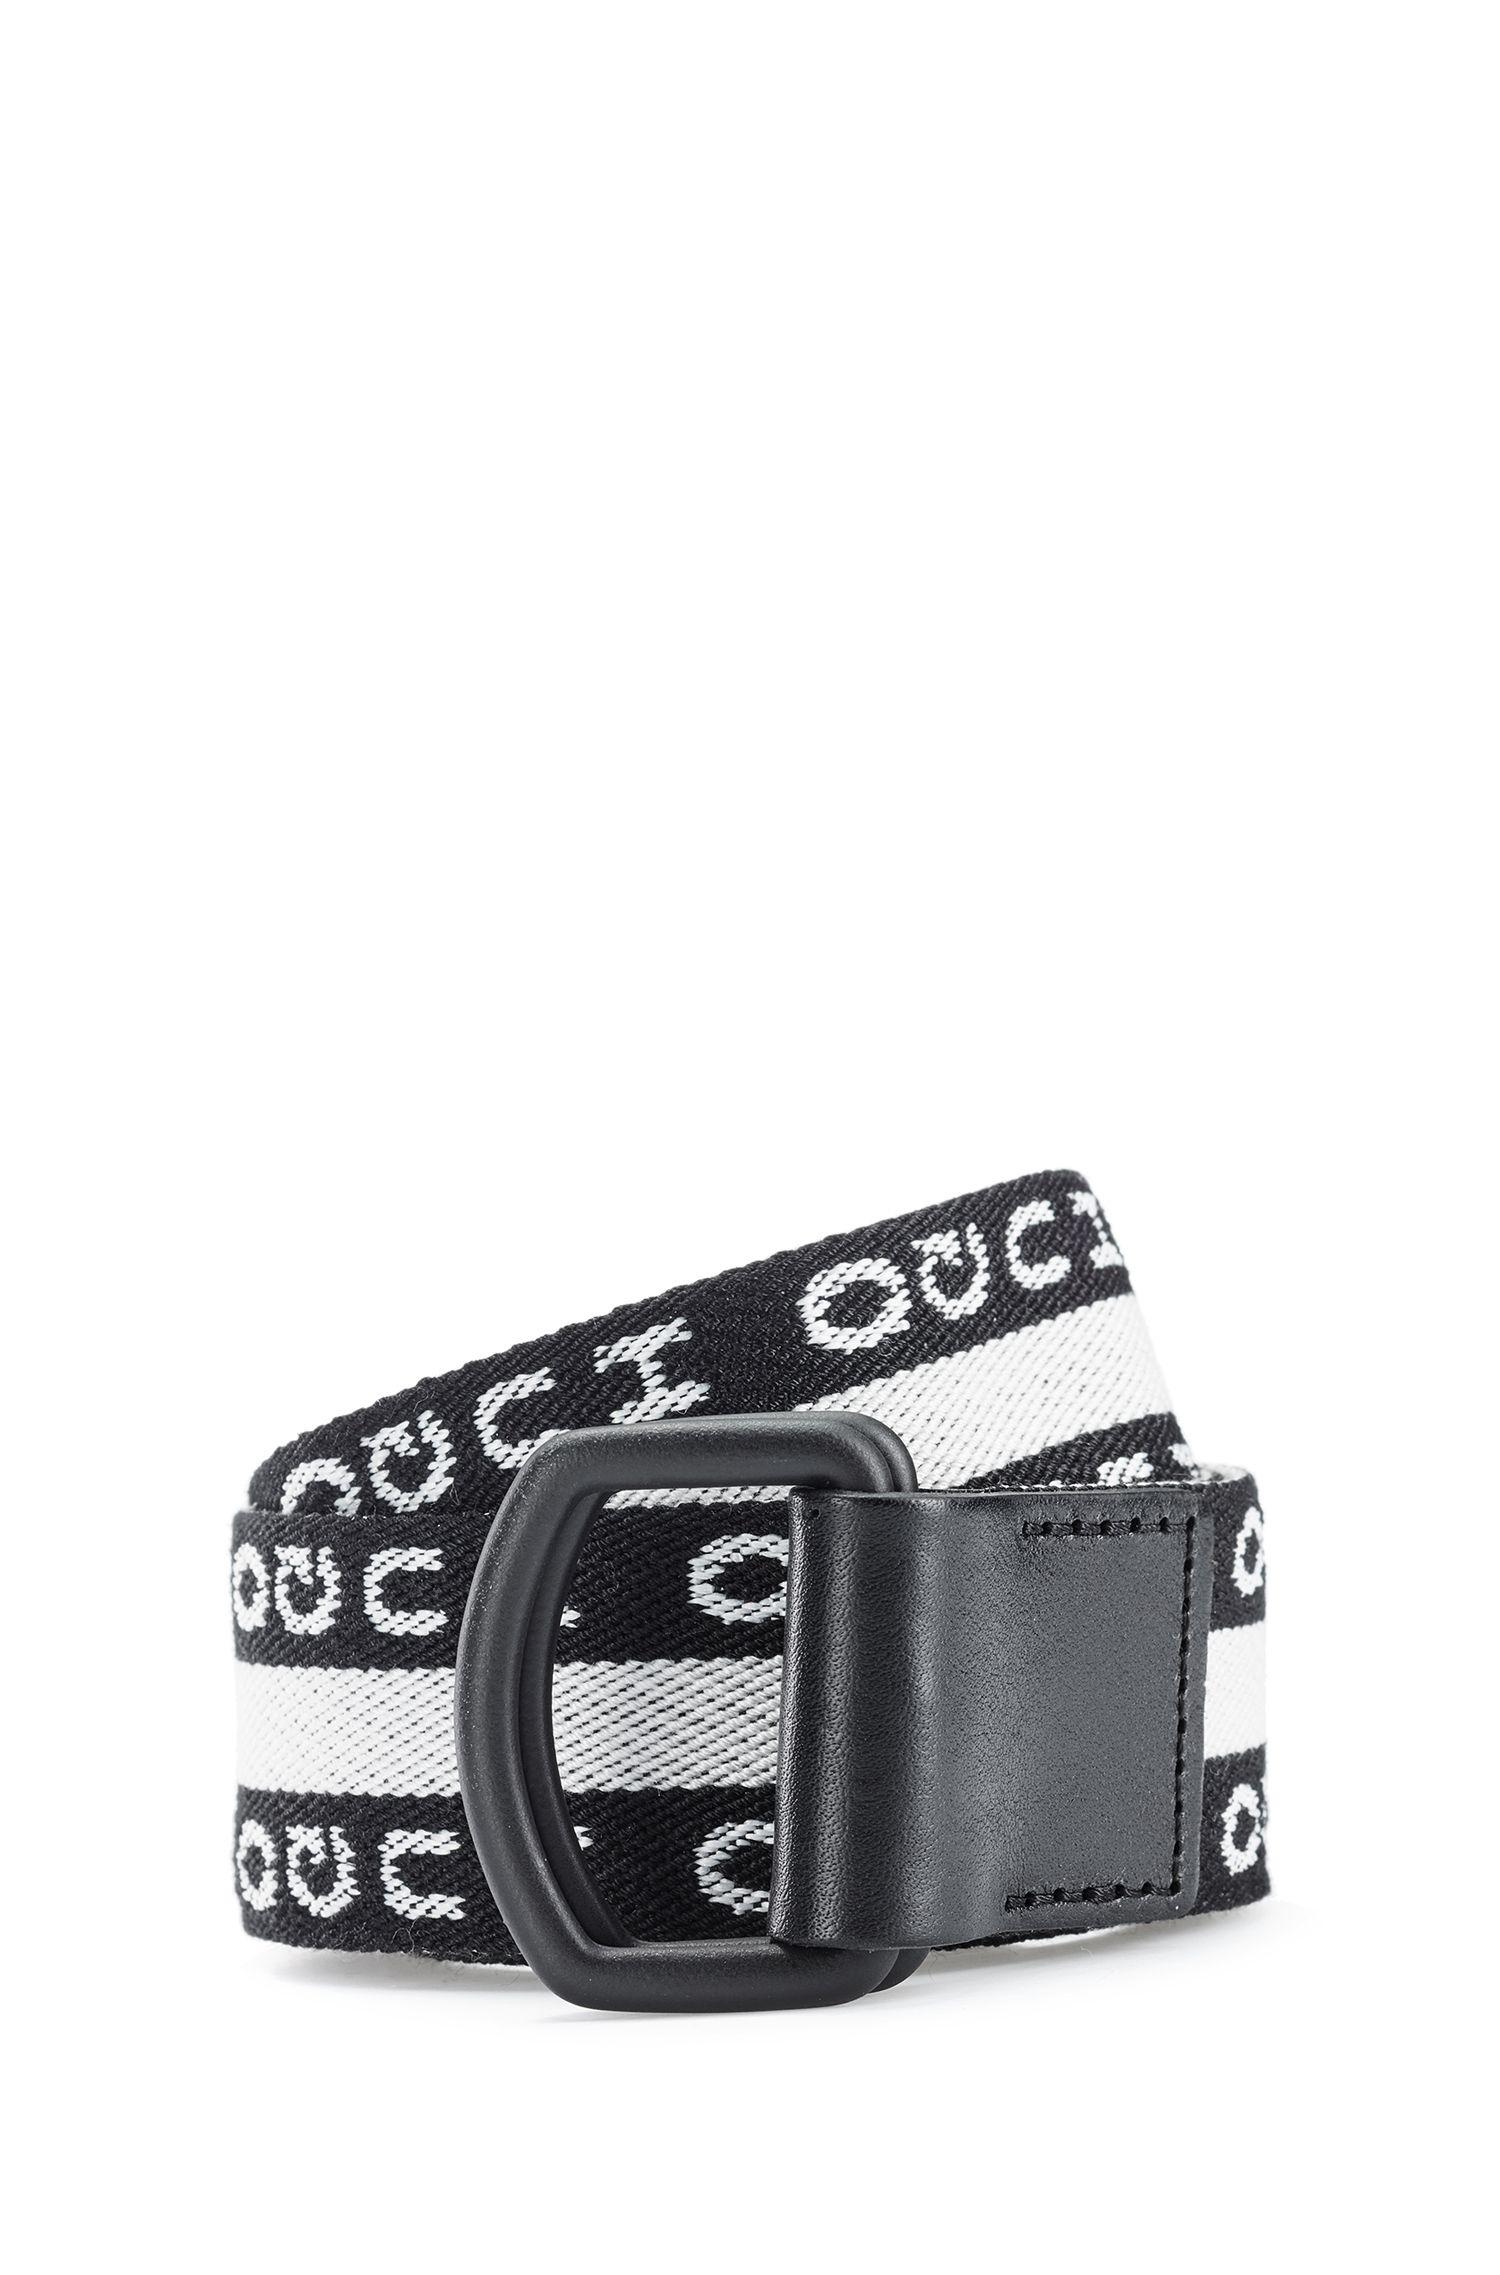 Reverse-logo belt with black-varnished buckle, Black